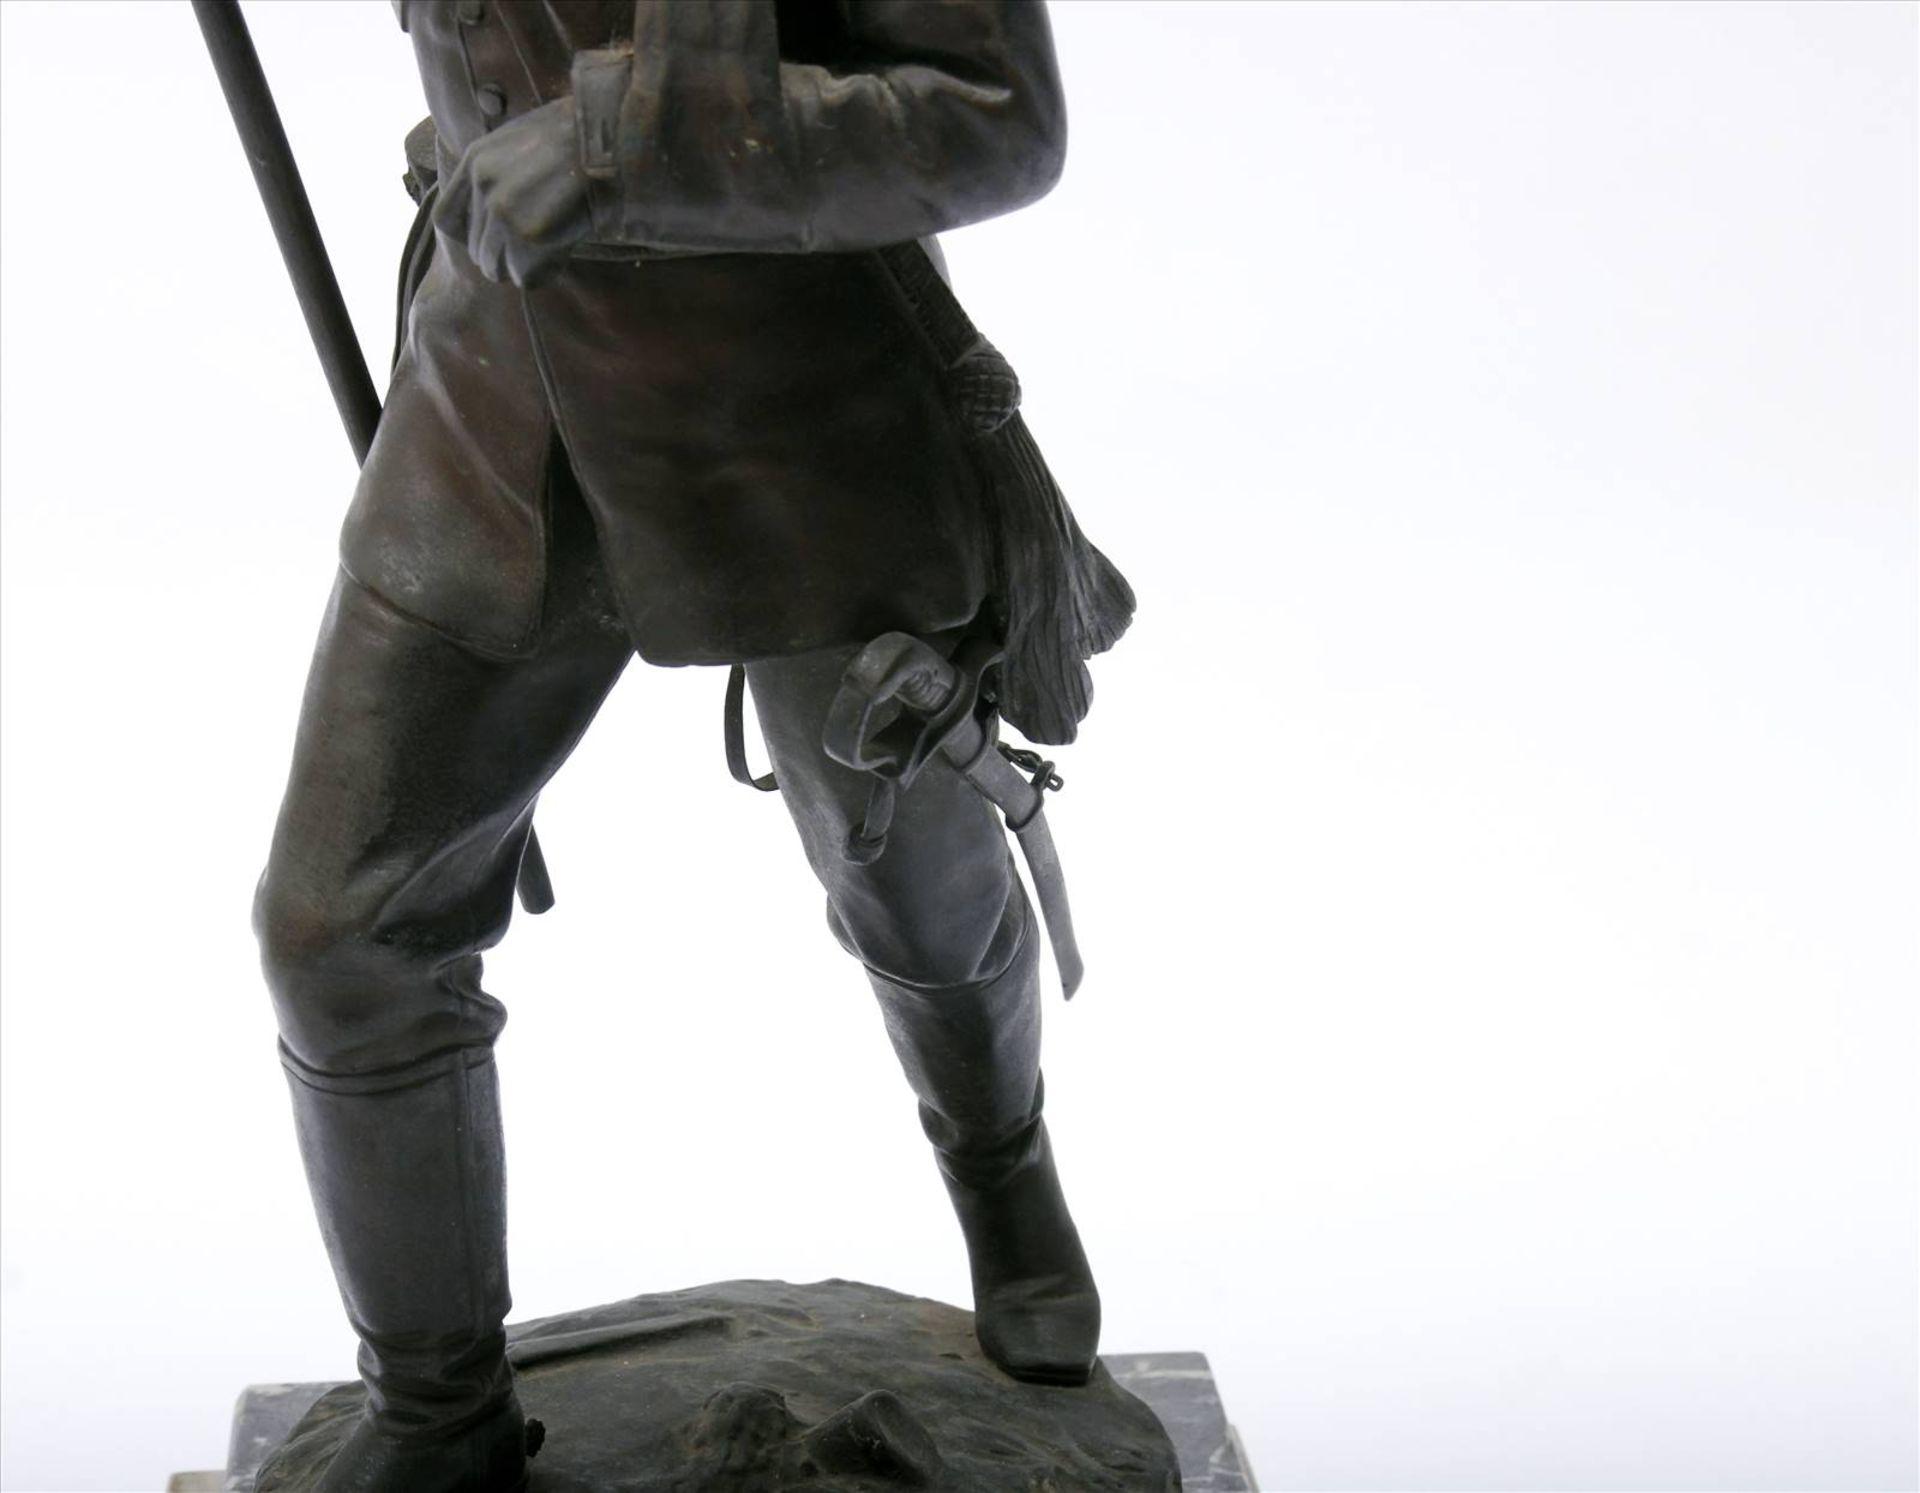 Figürlicher Grauguß, bronziert, Soldat des 1. Weltkriegs mit Pickelhaube, in der rechten Hand - Bild 9 aus 9